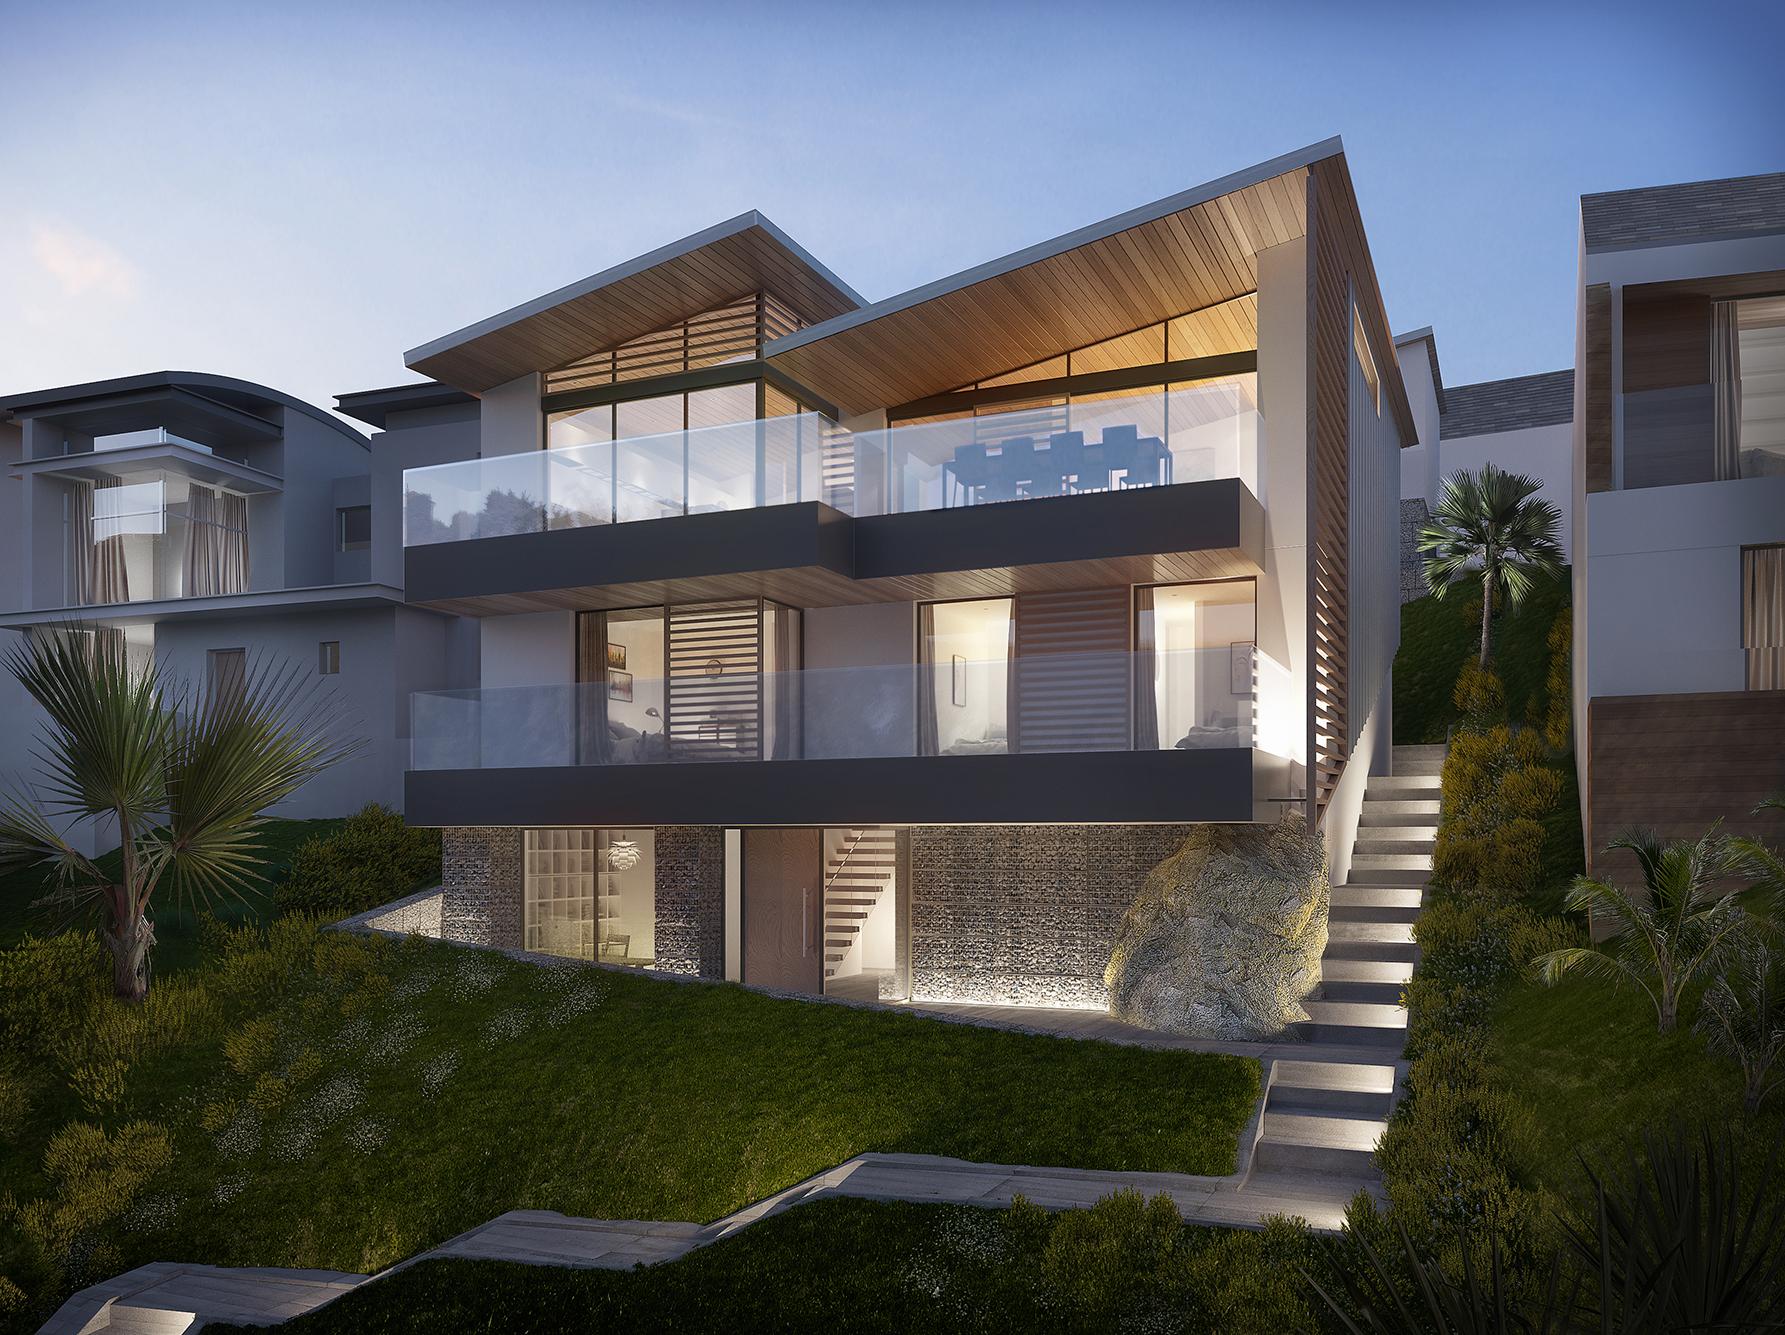 SEASPRAY - A striking development of two new contemporary waterside dwellings.